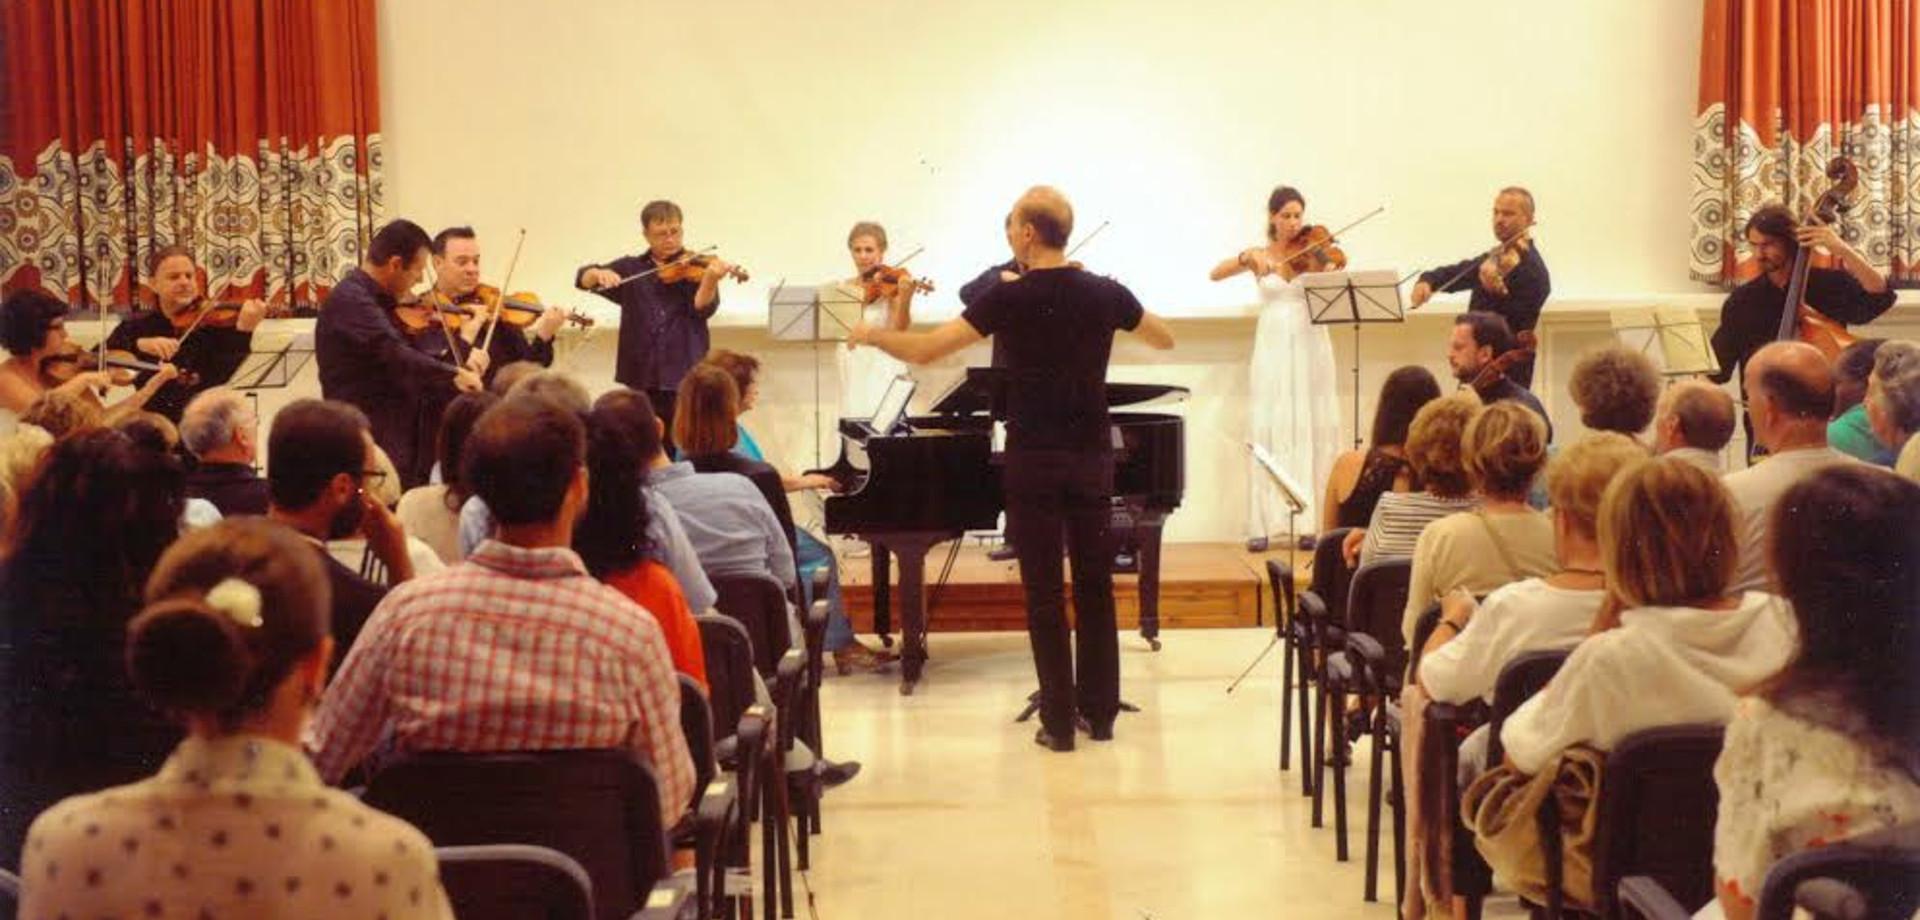 40 χρόνια Διεθνές Μουσικό Φεστιβάλ Σαντορίνης